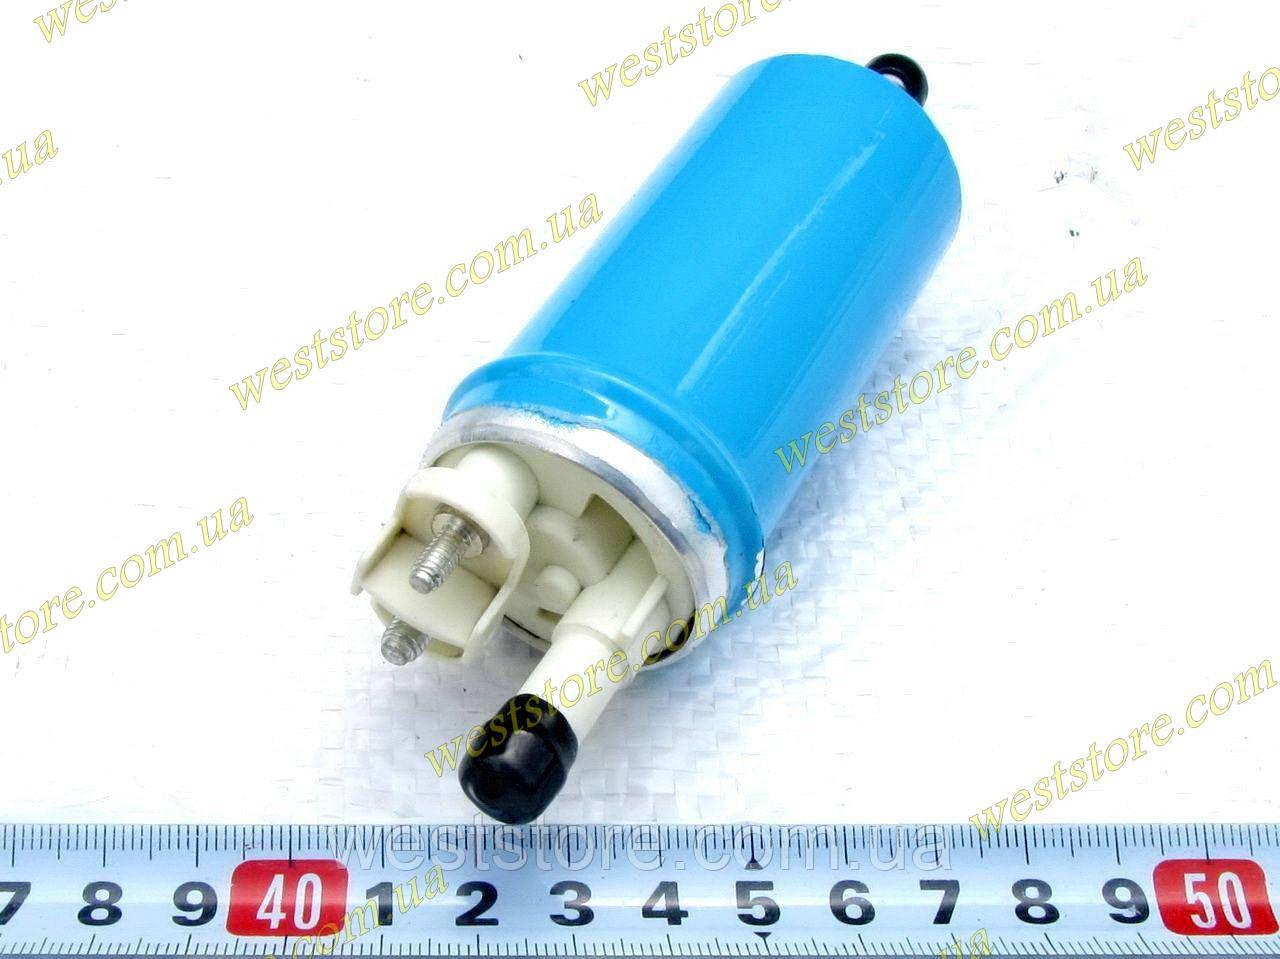 Электробензонасос низкого давления для карбюраторных автомобилей AT 9009-001 FP заз ваз таврия 2101